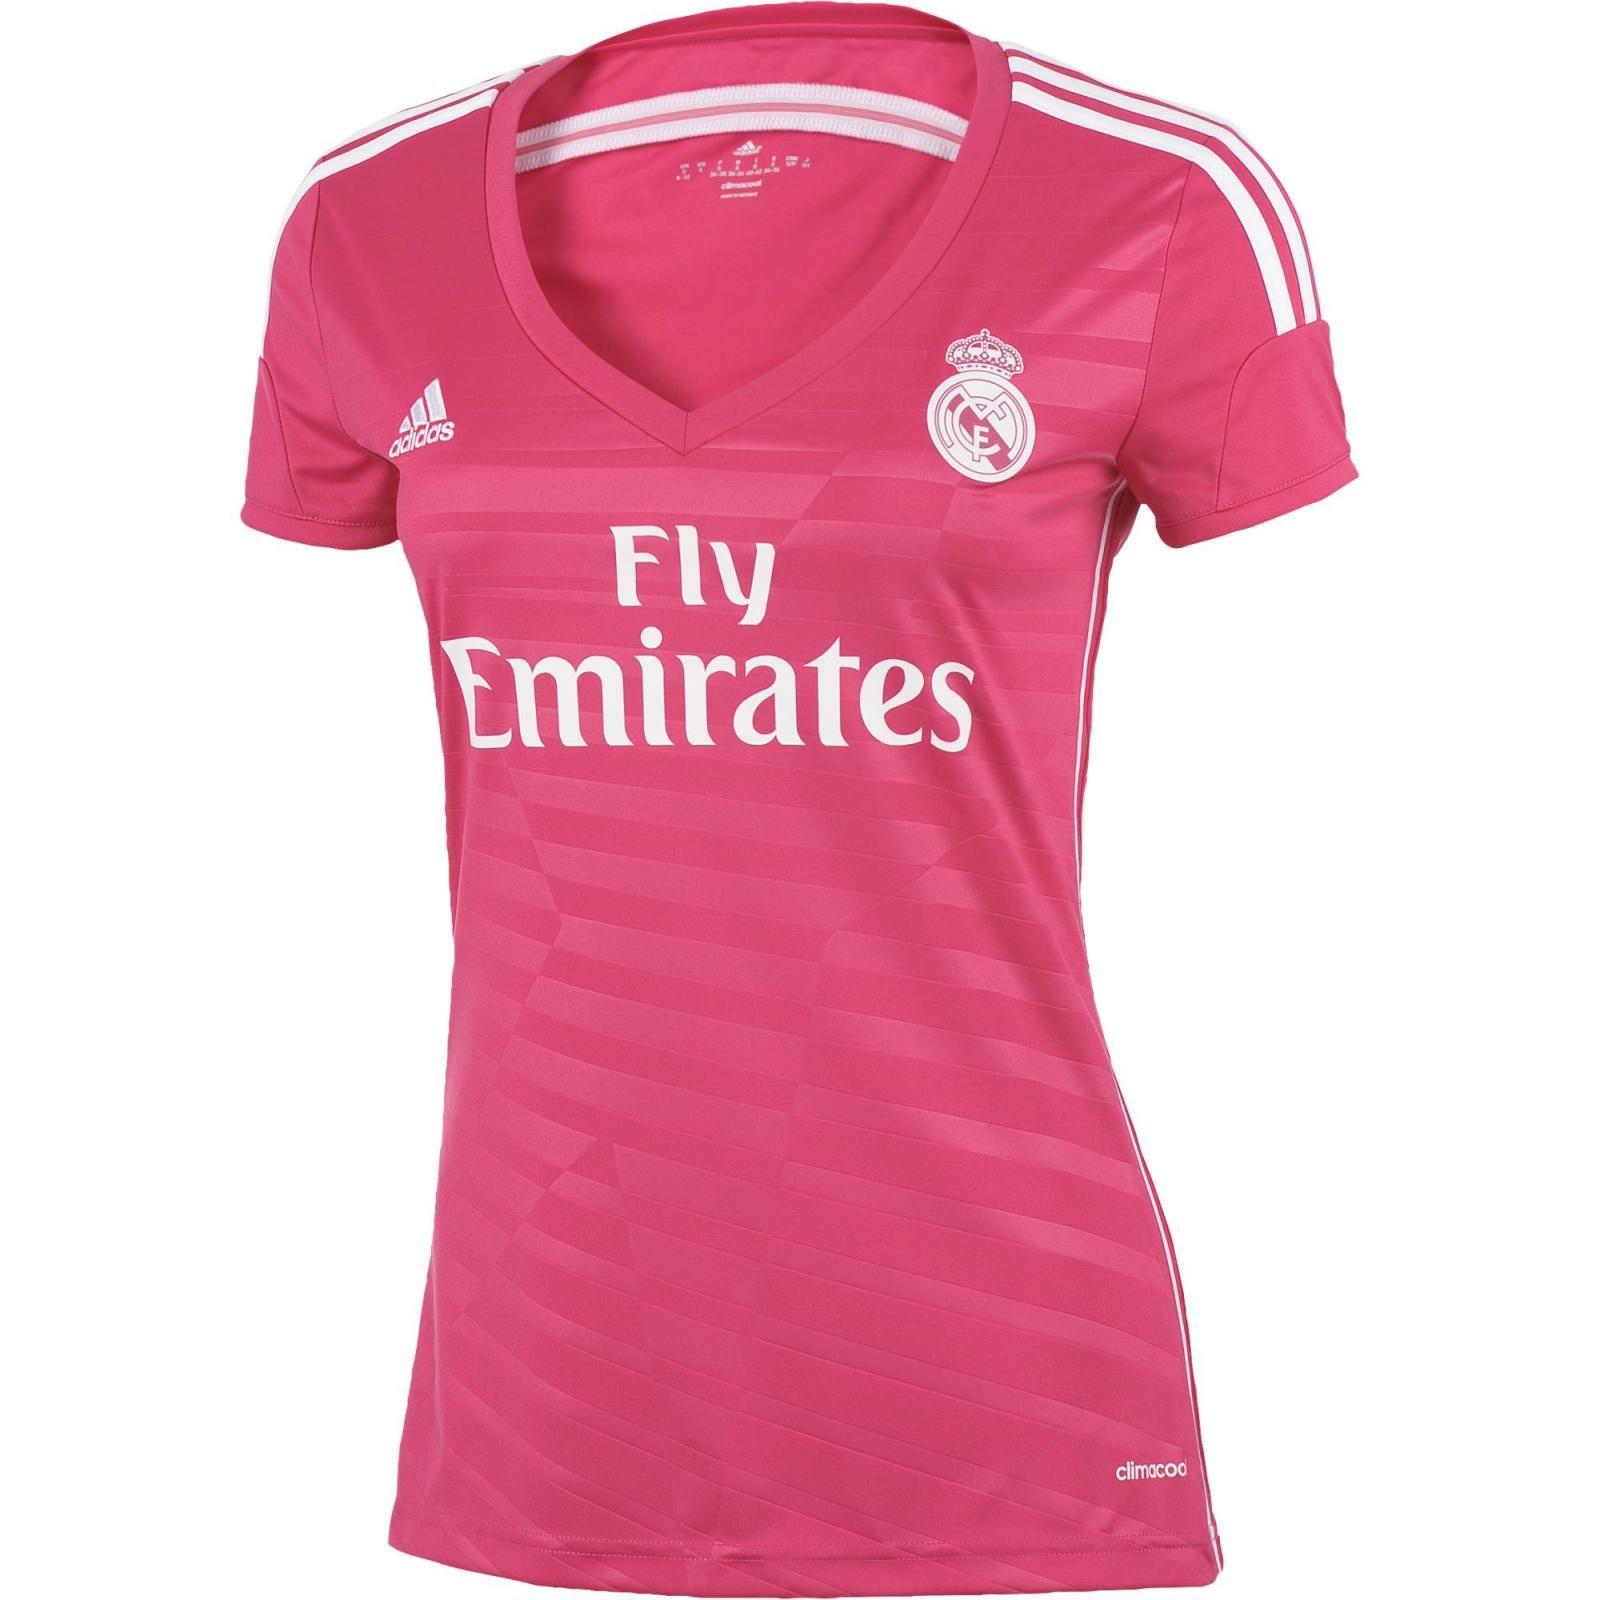 a92984ef8 Las mejores camisetas del fútbol para chicas - BUHO